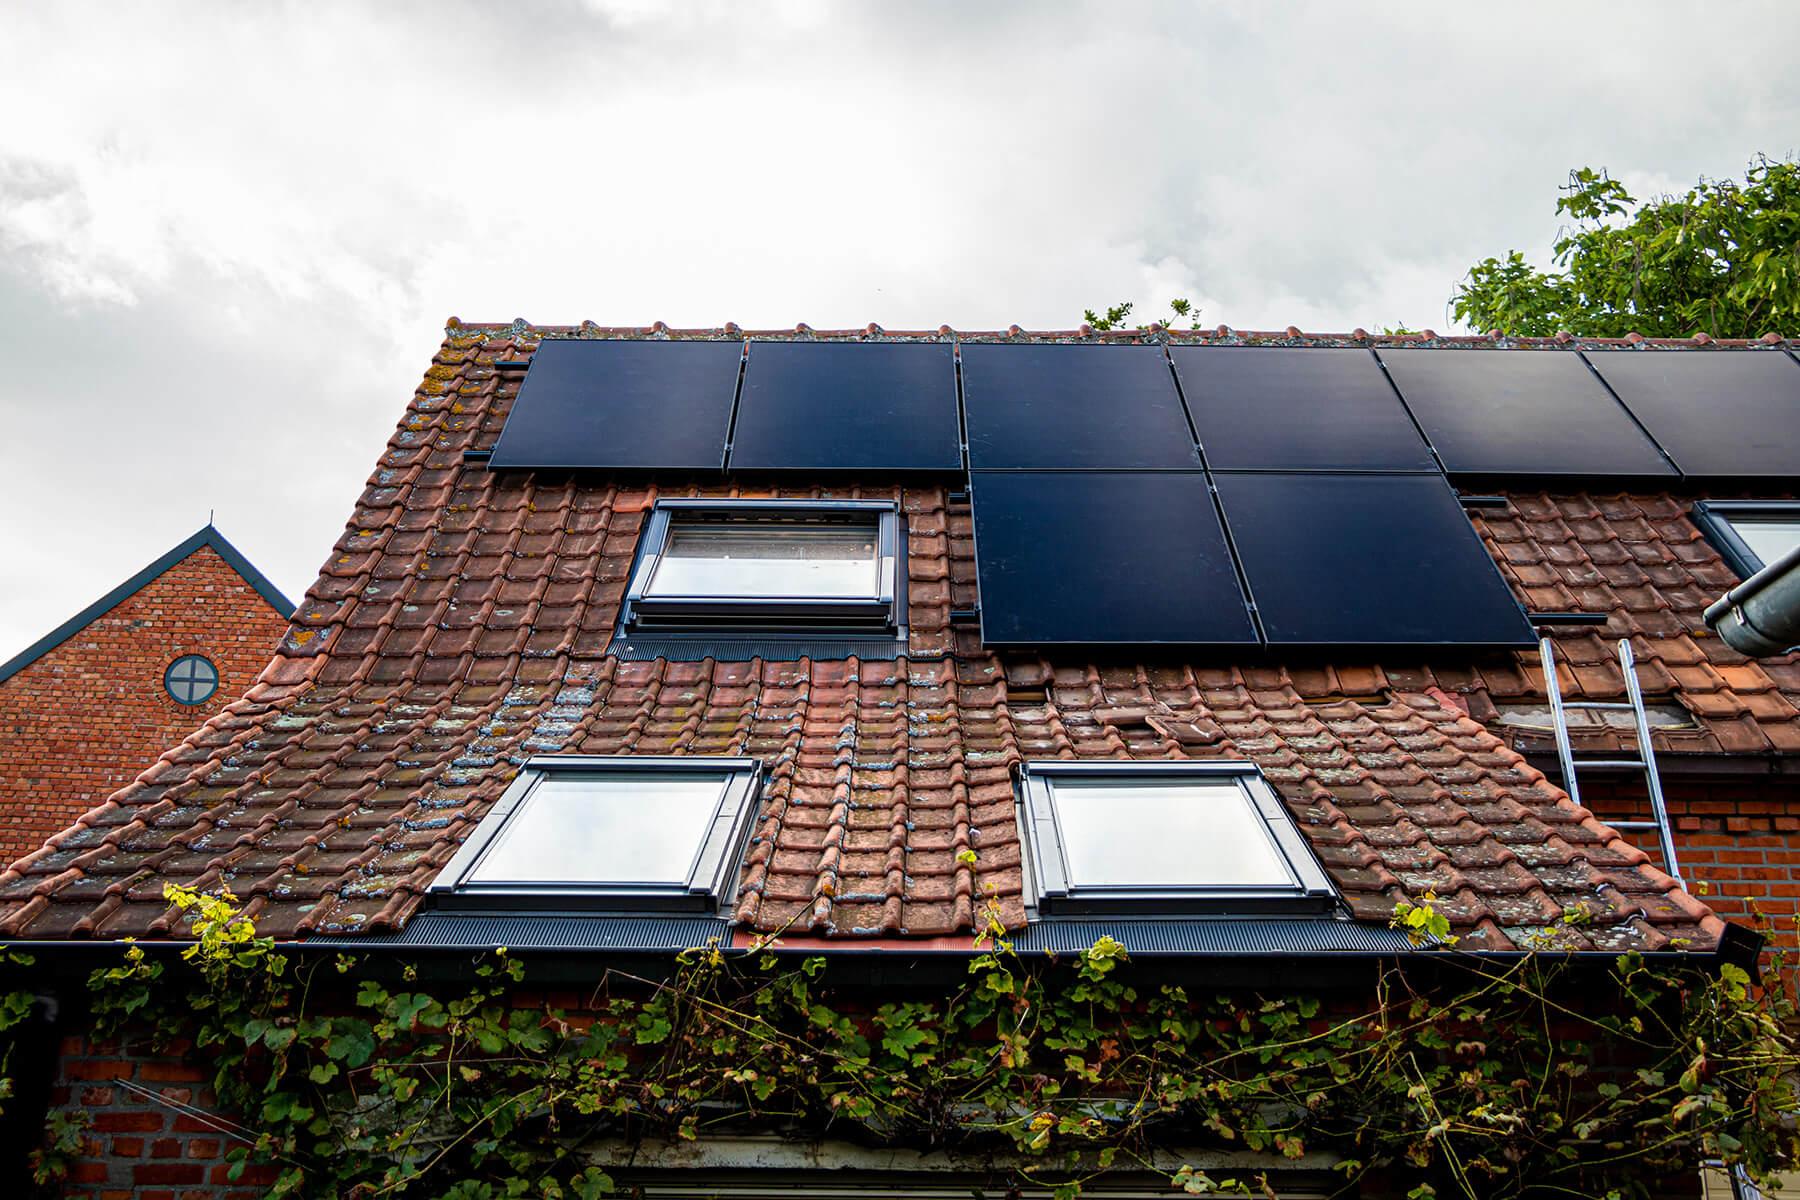 Een overzicht van een schuin dak waarvan de bovenste helft vol ligt met zonnepanelen.